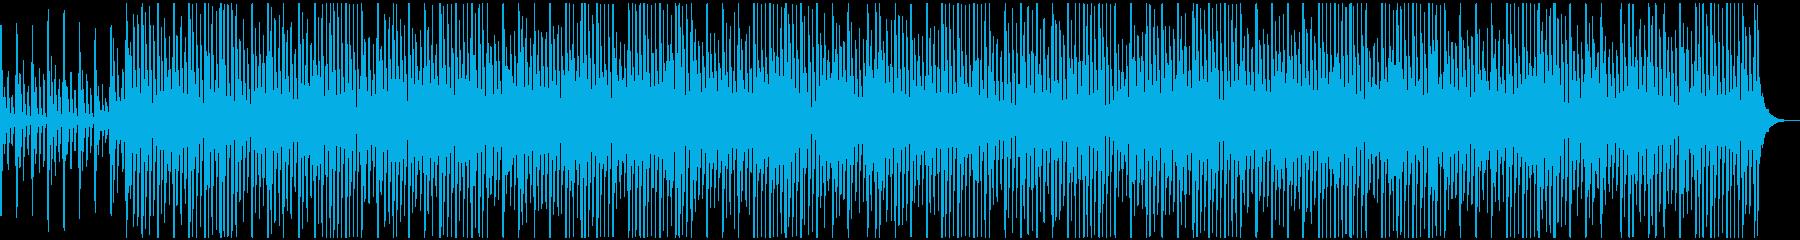 口笛とウクレレの可愛いポップスBGMの再生済みの波形